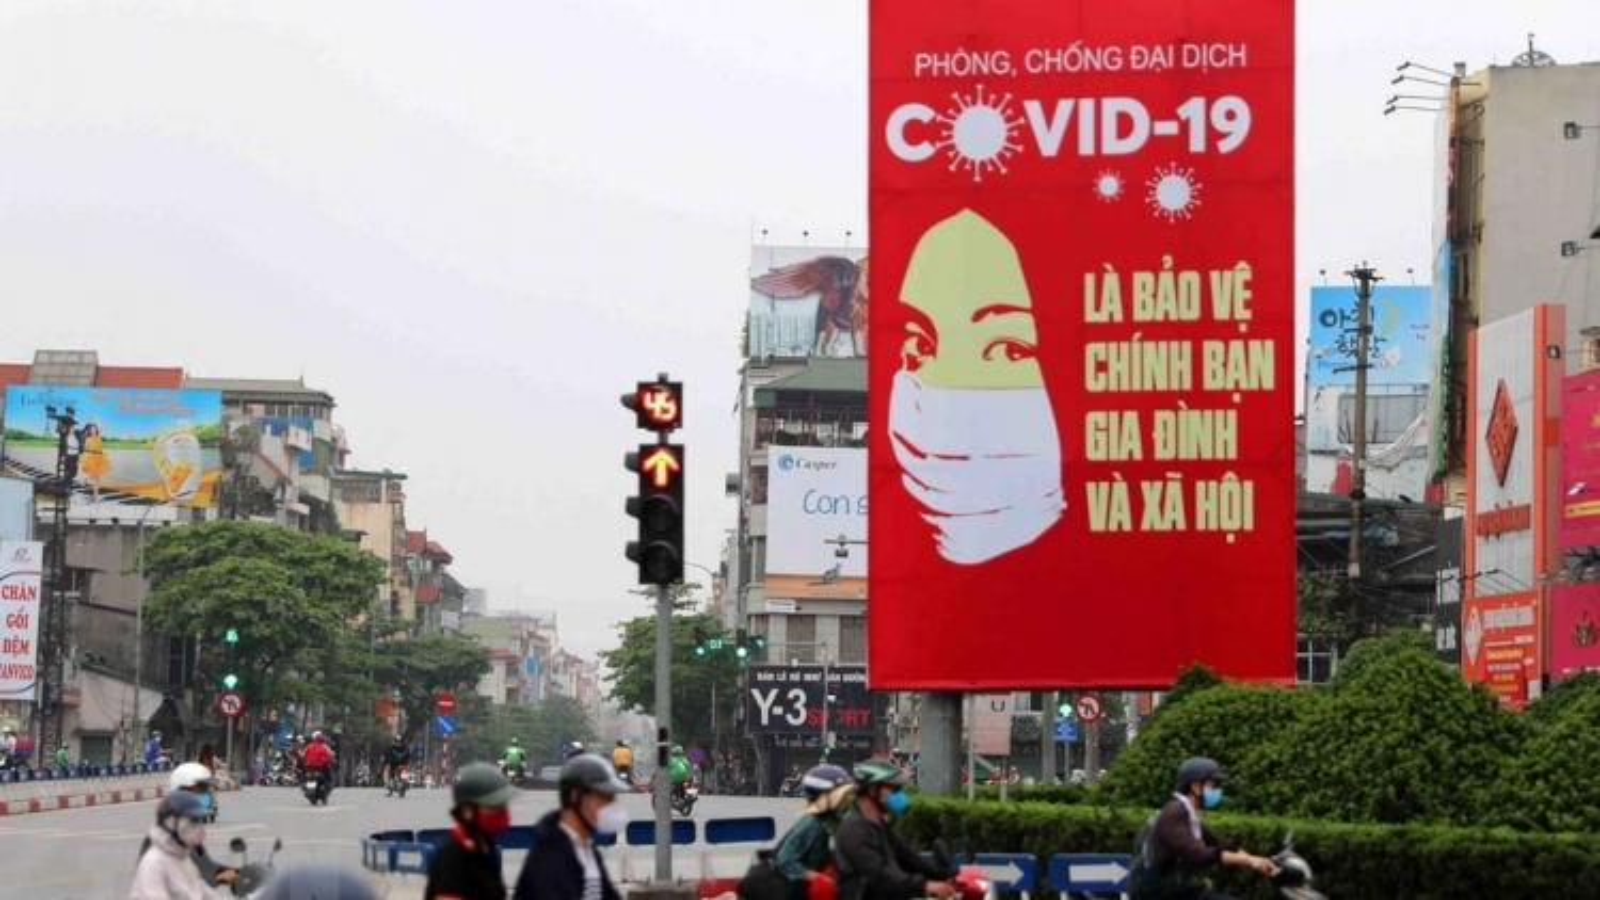 Nhiều chính đảng đánh giá cao kết quả chống dịch Covid-19 của Việt Nam